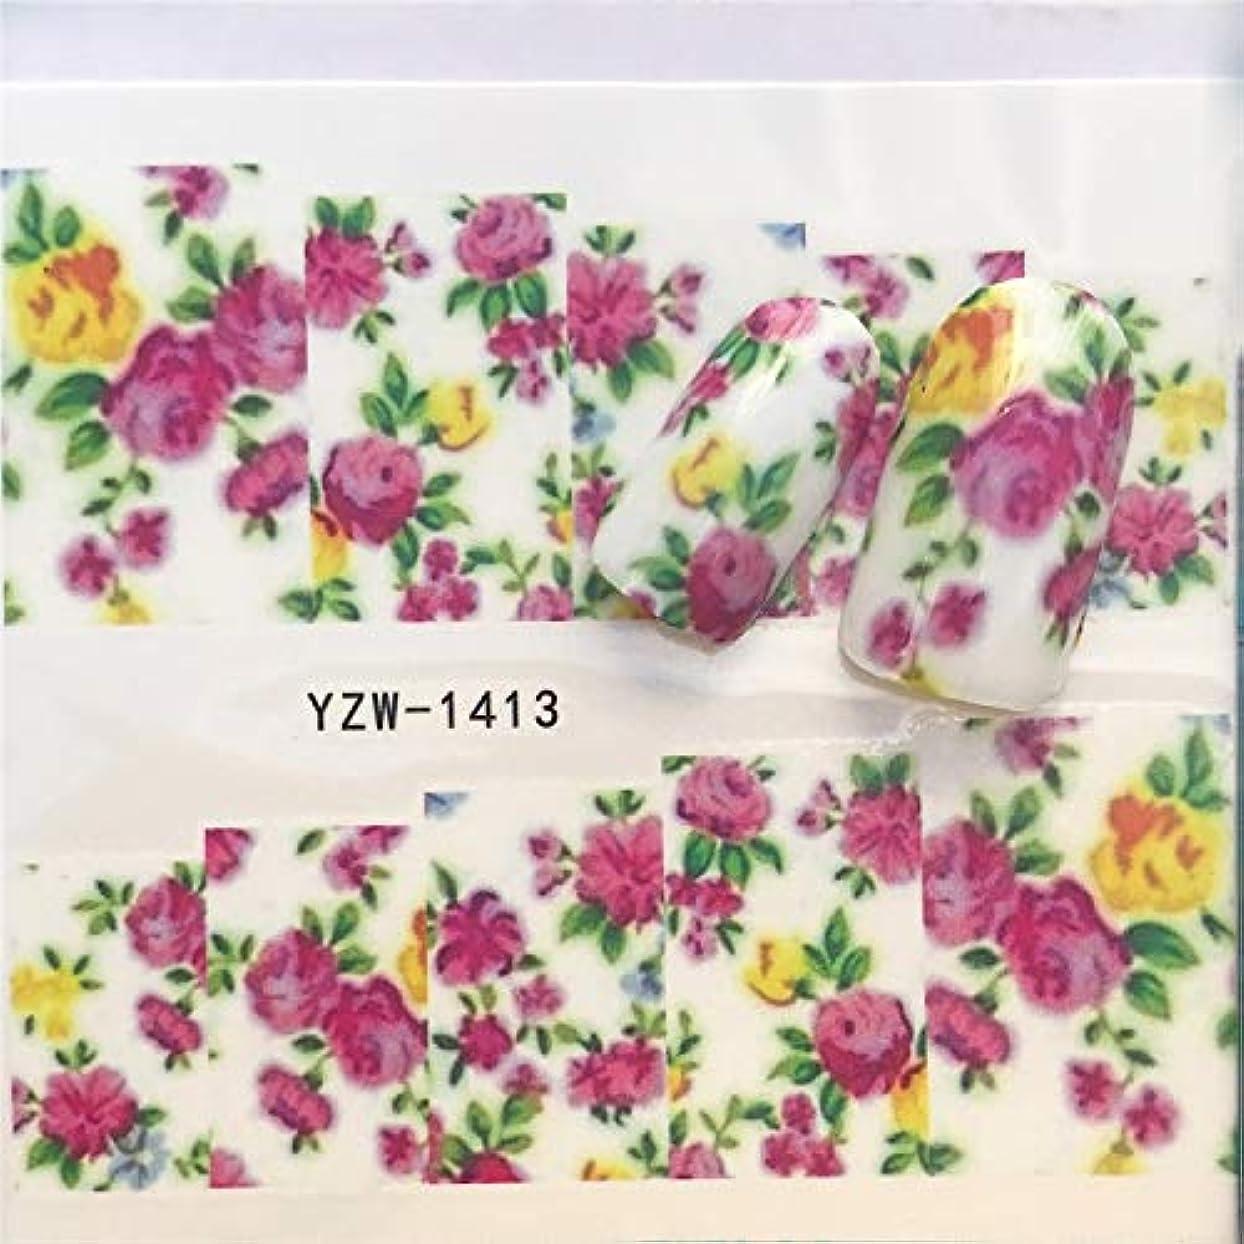 クレタおなじみの化学薬品Yan 3個ネイルステッカーセットデカール水転写スライダーネイルアートデコレーション、色:YZW 1413